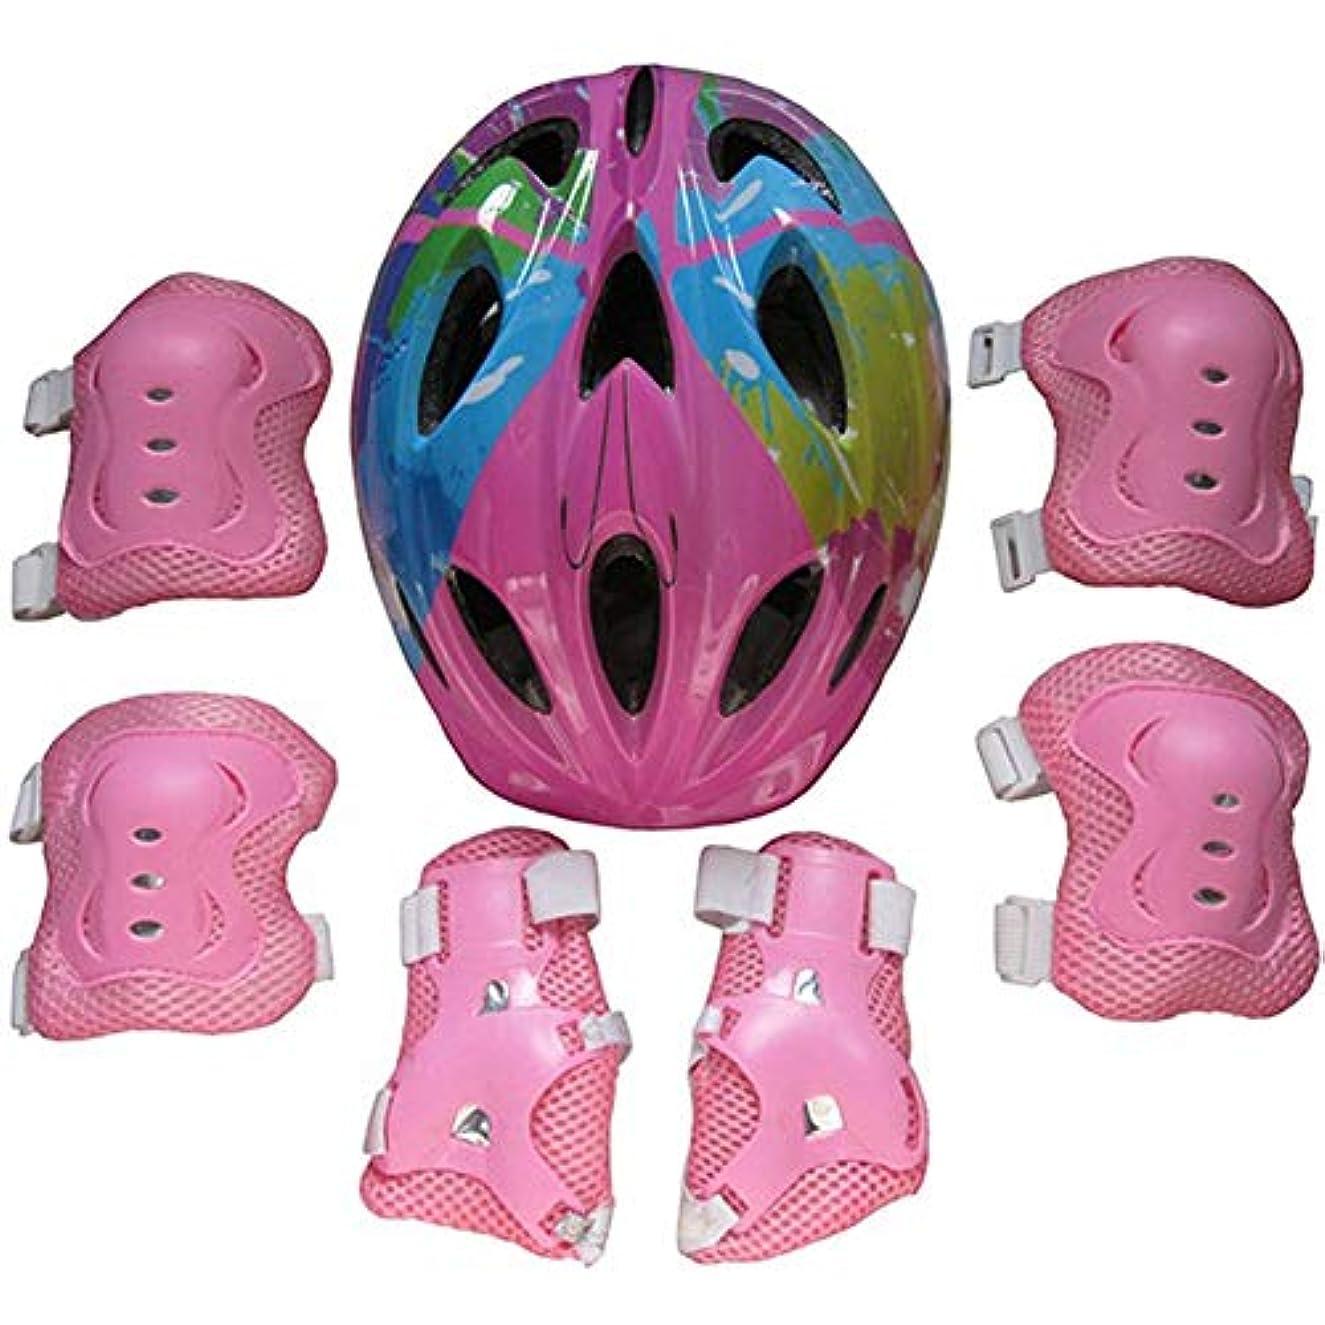 売る浸す生産的Jiluji ヘルメット こども用 キッズプロテクターセット 調節可能 軽量 高剛性 通気性 スケボー サイクリング 保護用 子供 自転車 プロテクター